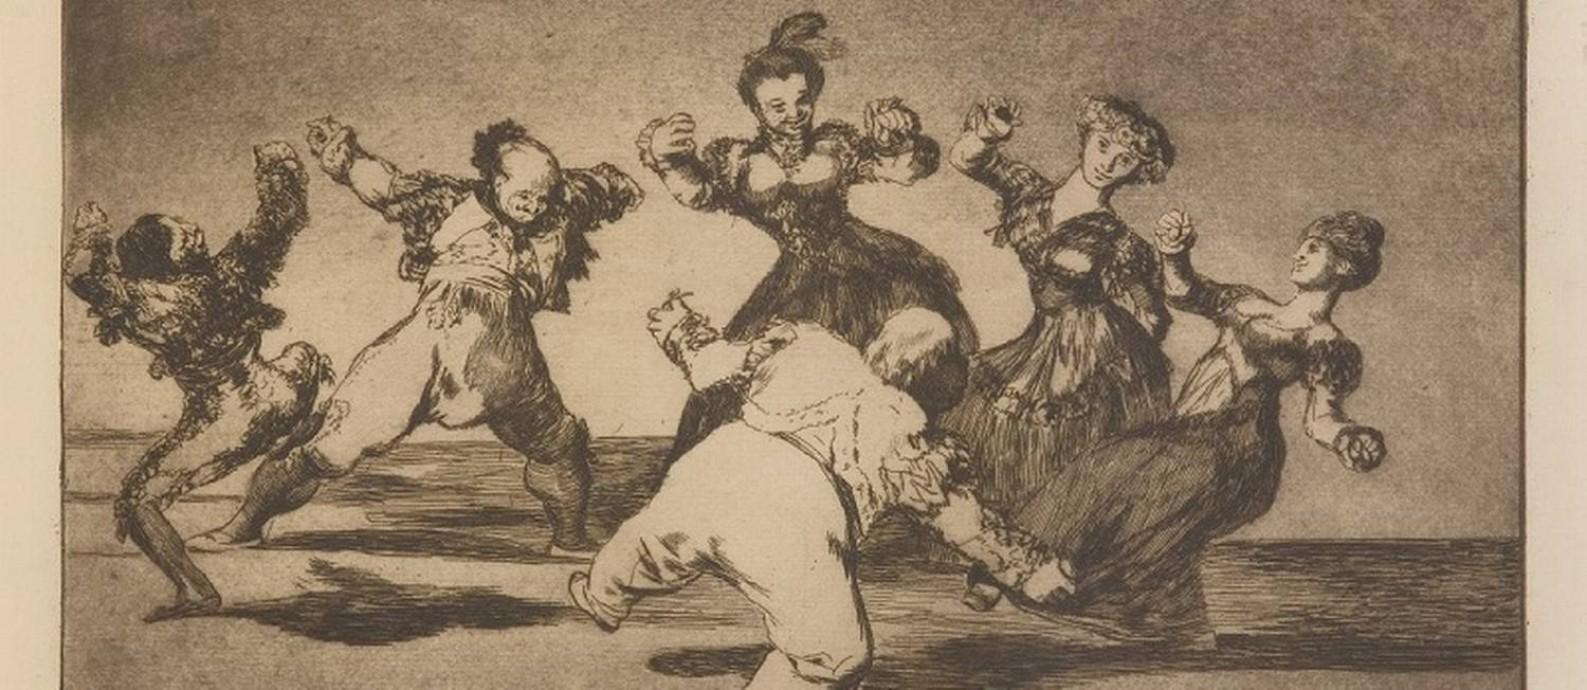 Exposição 'Loucuras anunciadas' traz gravuras de Francisco de Goya Foto: Divulgação